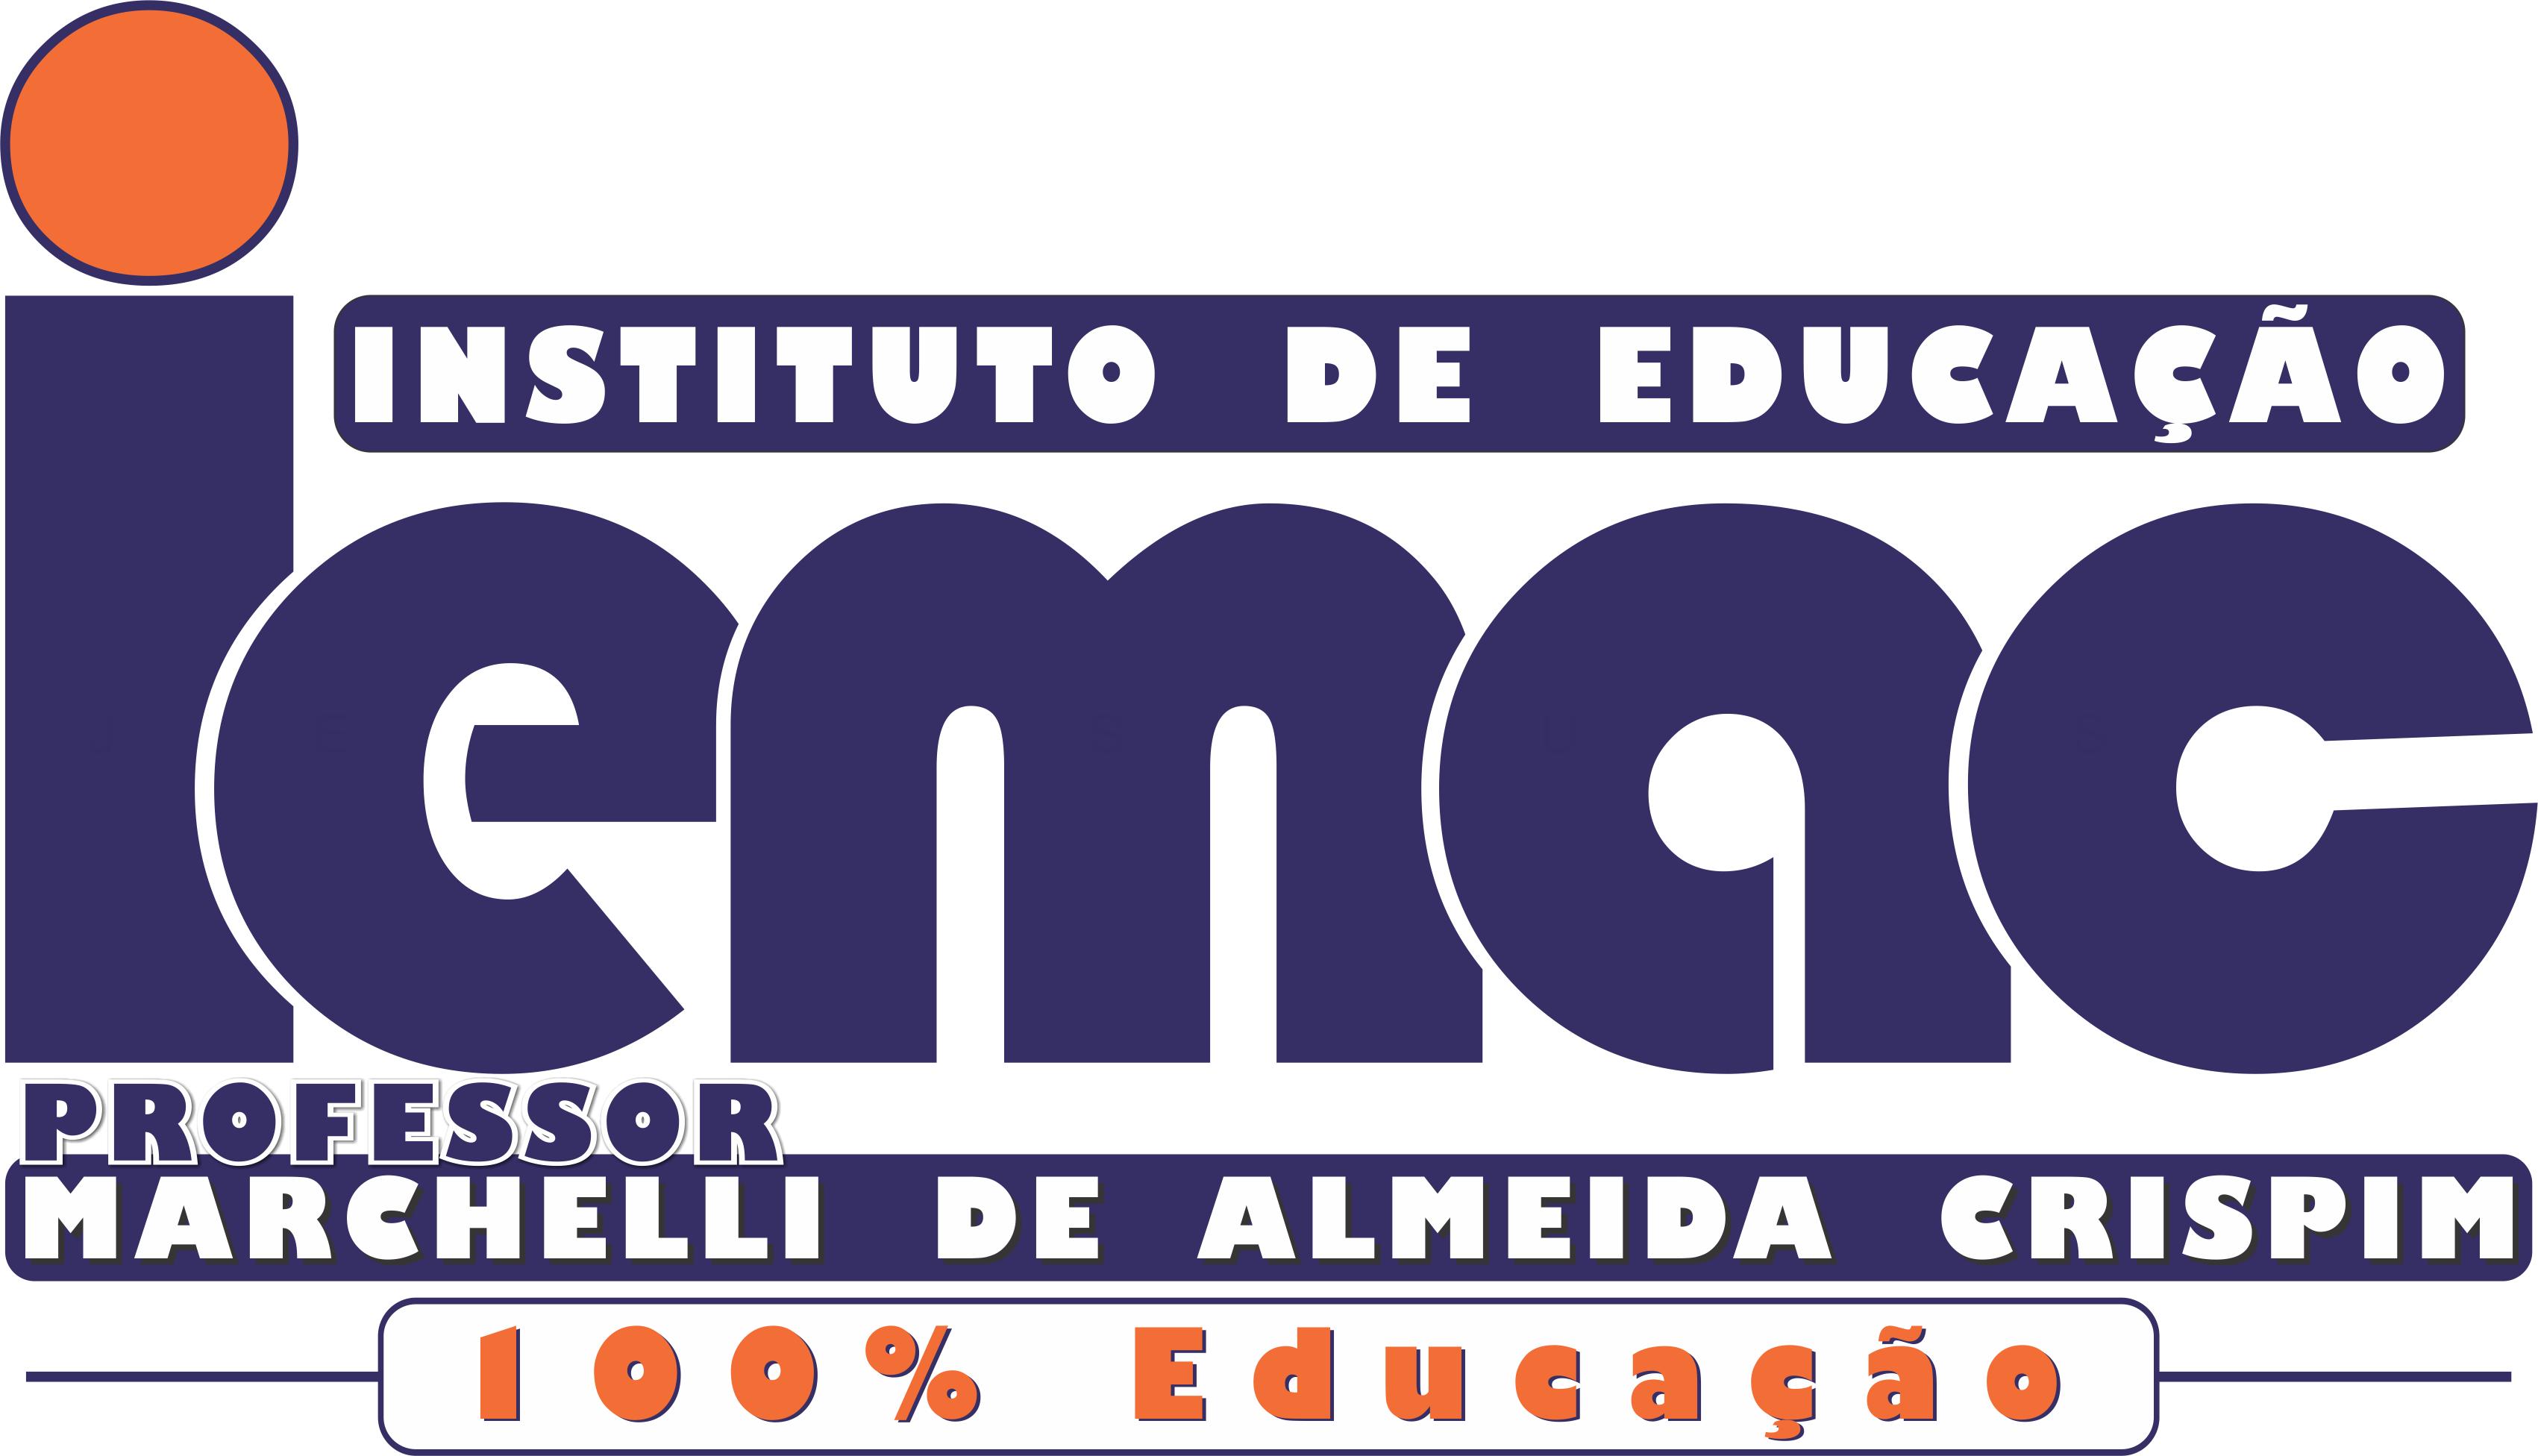 IEMAC-INSTITUTO. DE EDU. PROF. MARCHELLI DE A. CRISPIM - 3358